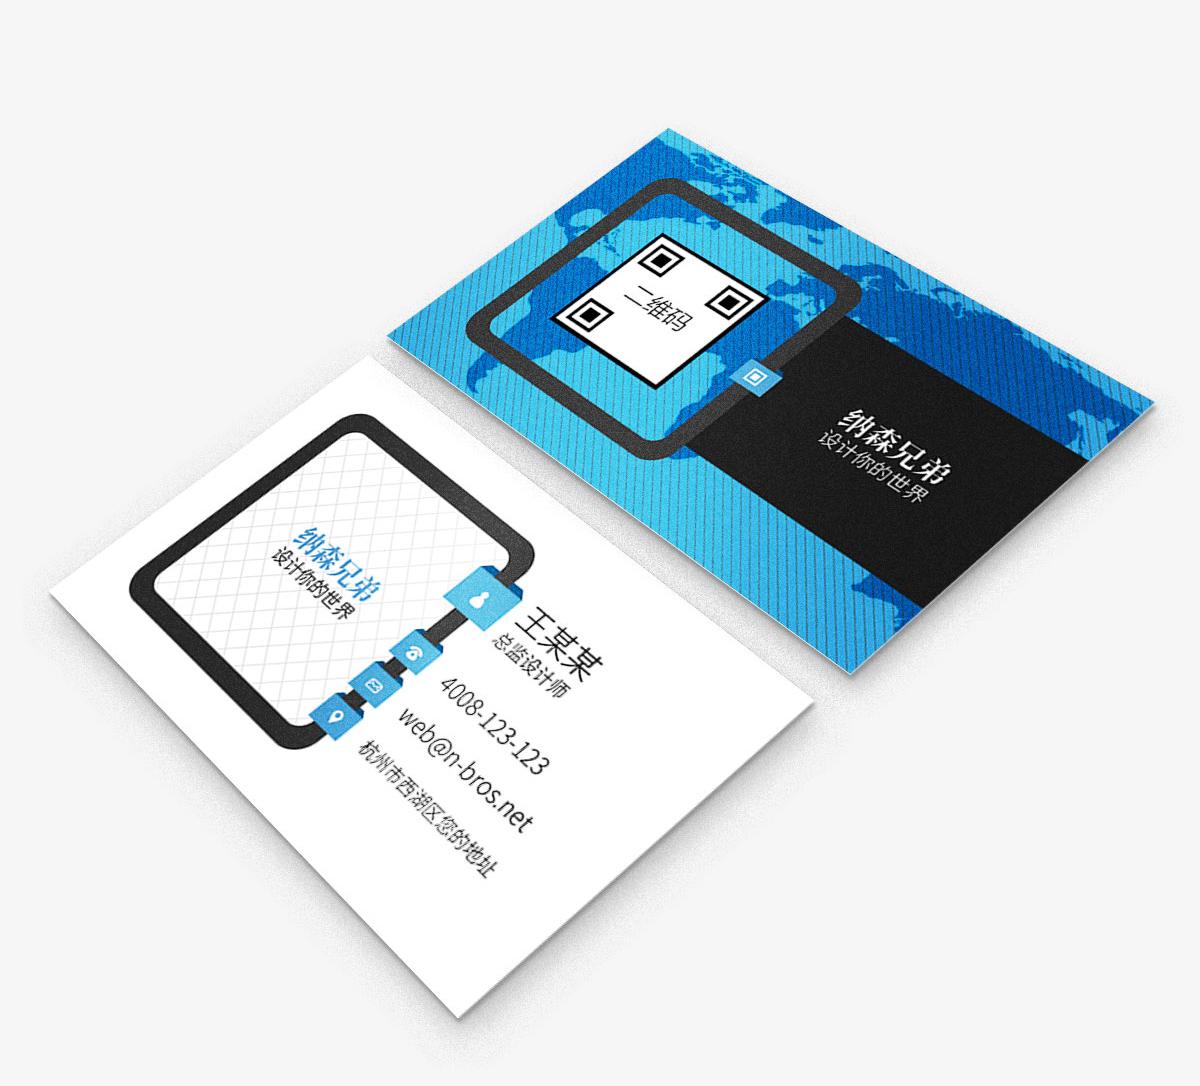 名片模板 PSD模板源文件下载